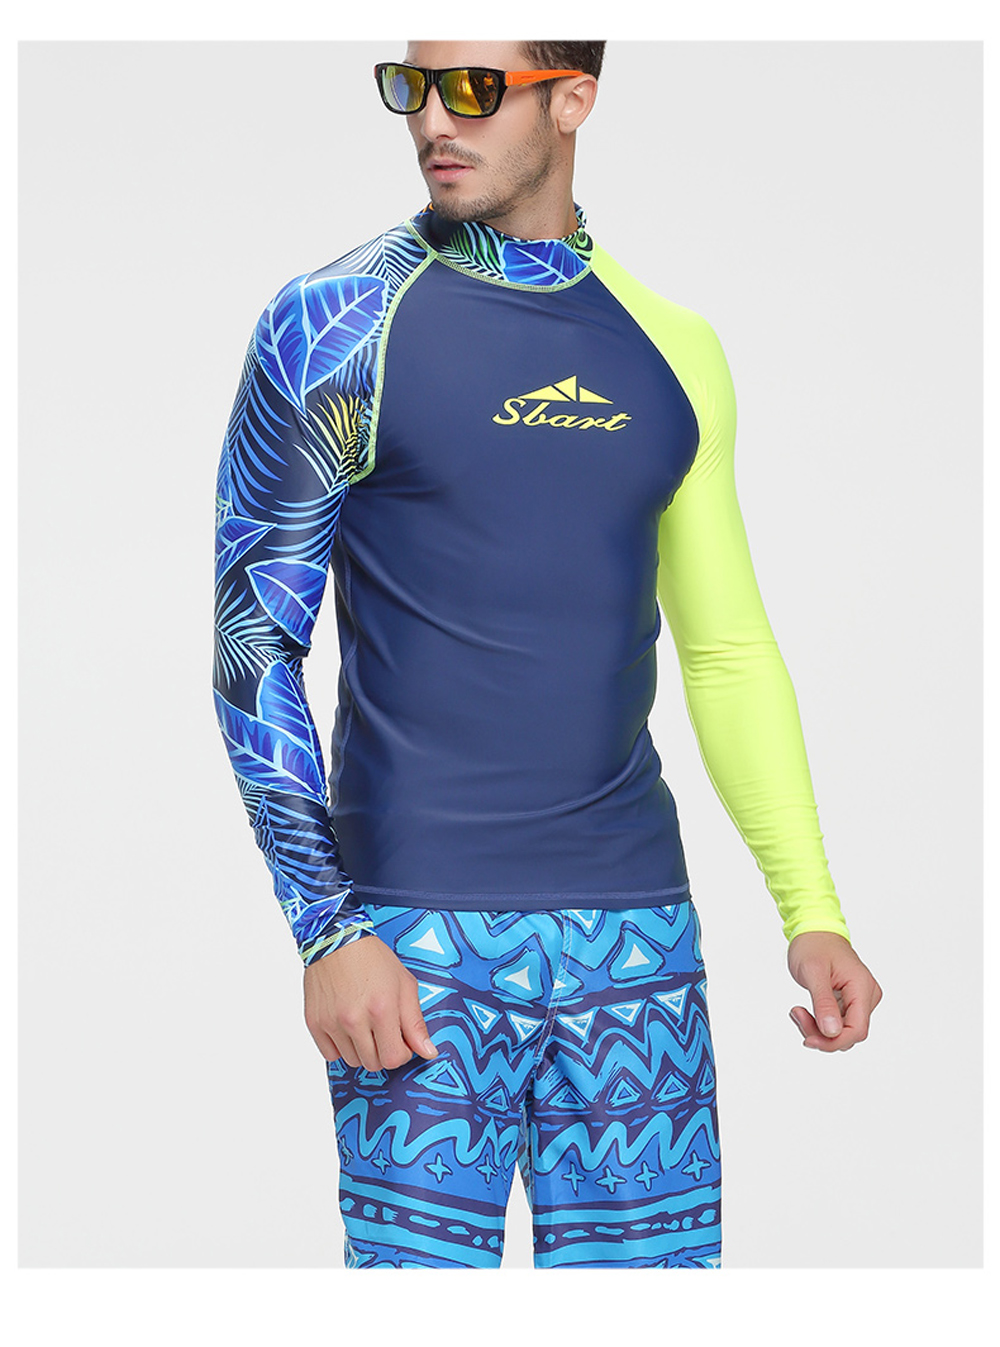 floatsuit topos uv natação rashguard